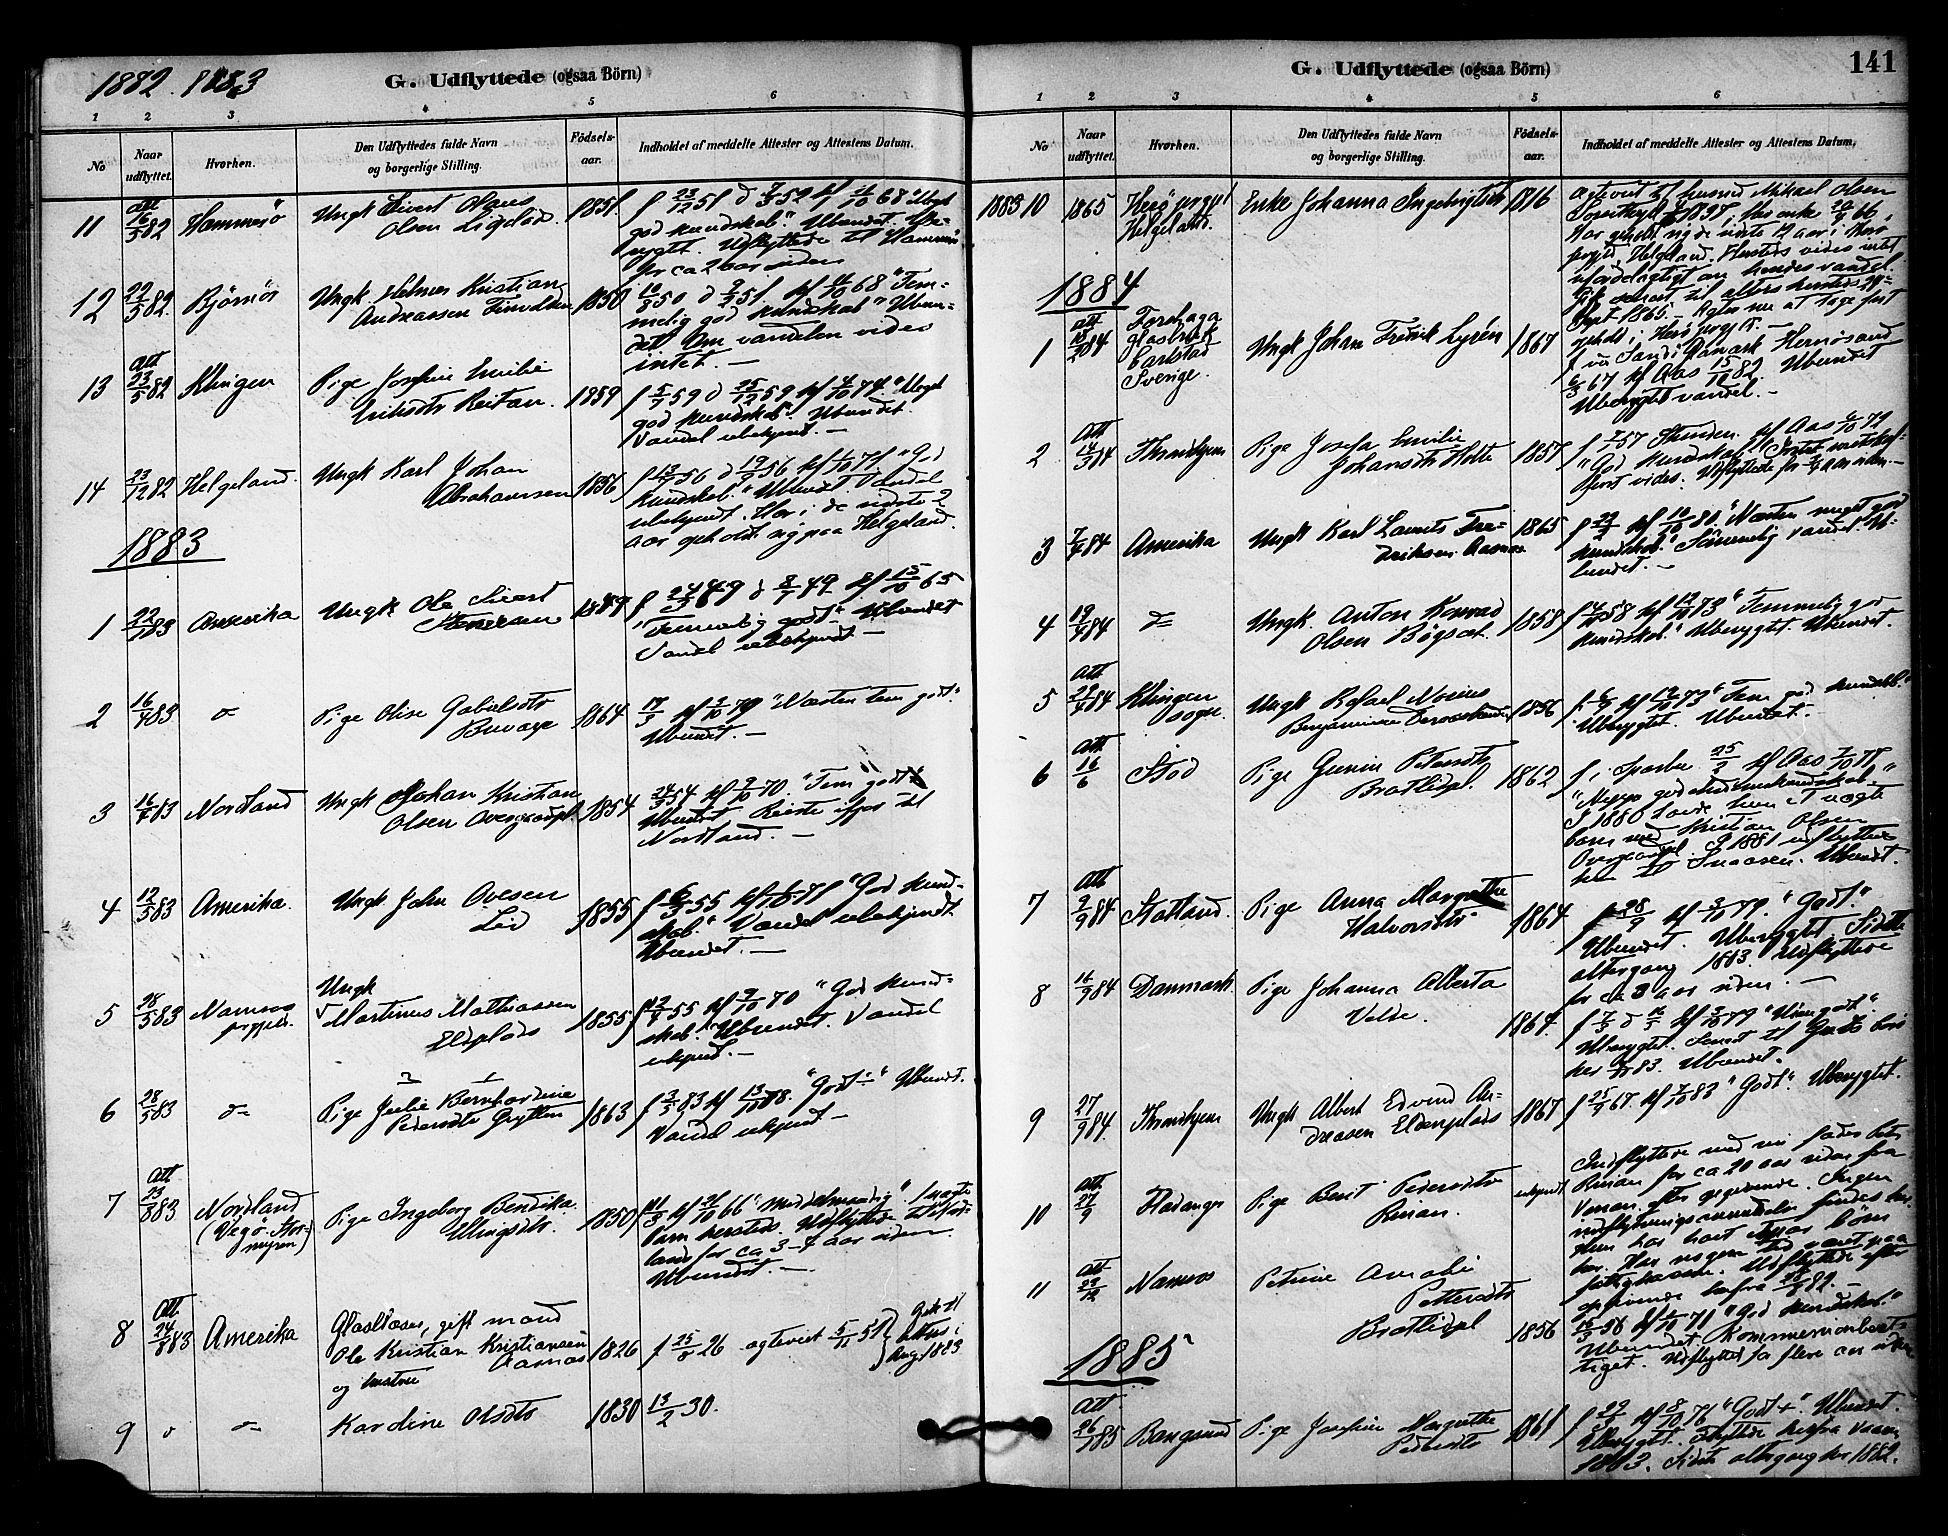 SAT, Ministerialprotokoller, klokkerbøker og fødselsregistre - Nord-Trøndelag, 742/L0408: Ministerialbok nr. 742A01, 1878-1890, s. 141